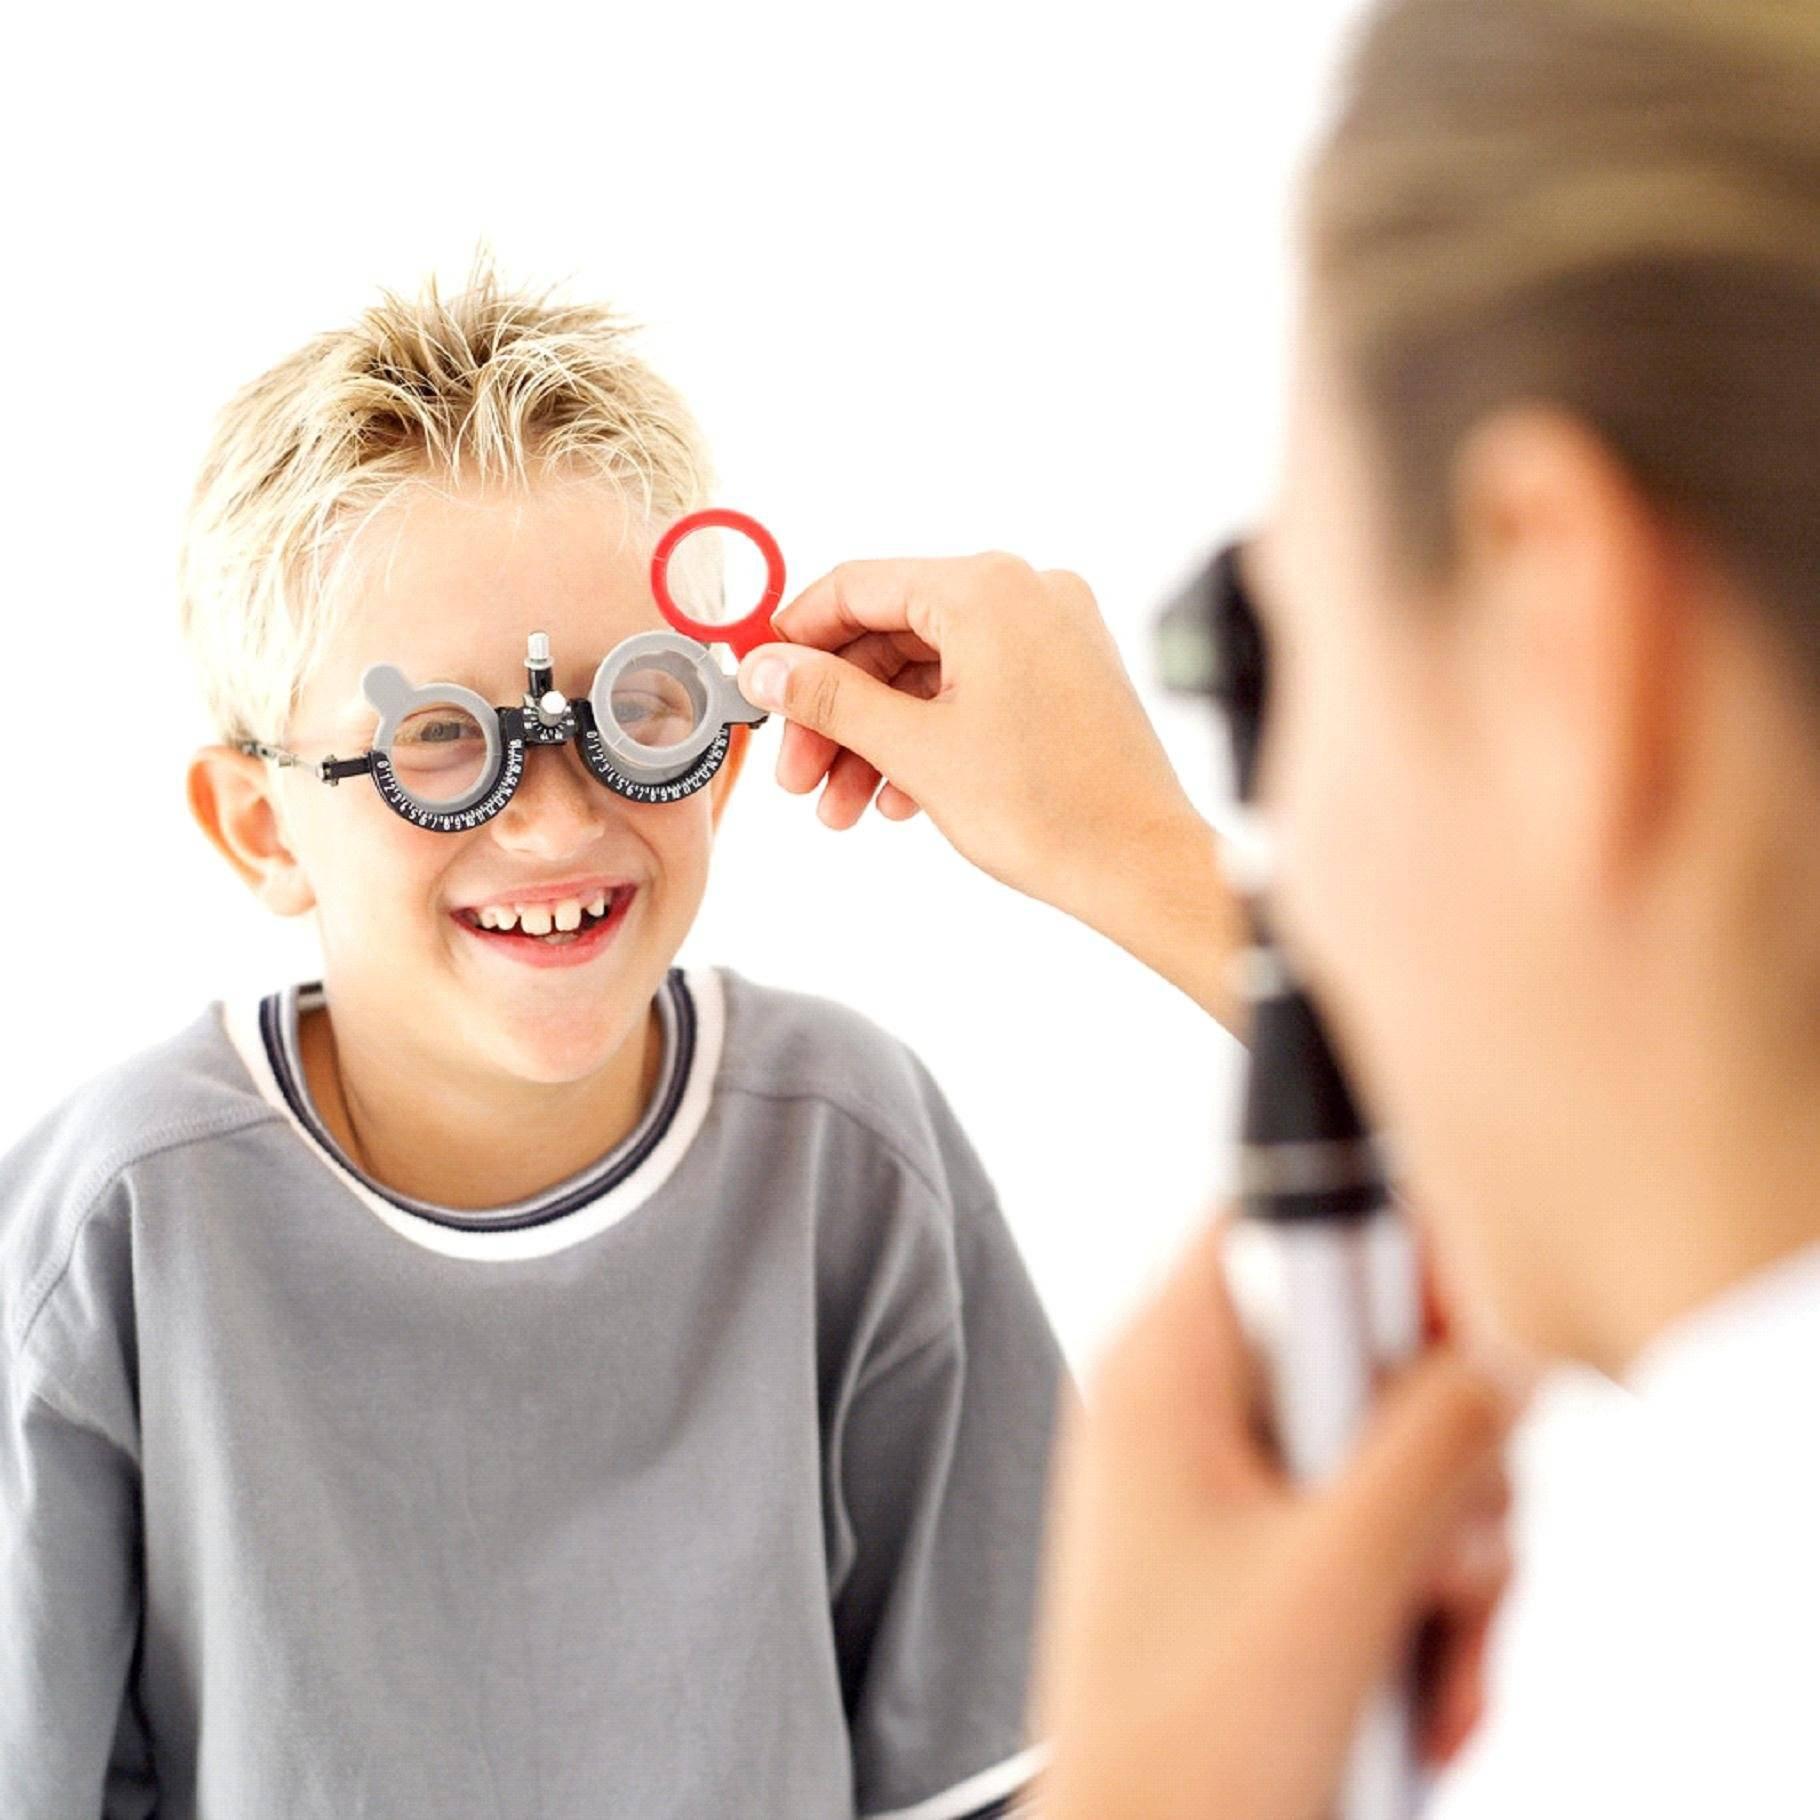 Появилась дальнозоркость? как восстановить зрение в домашних условиях